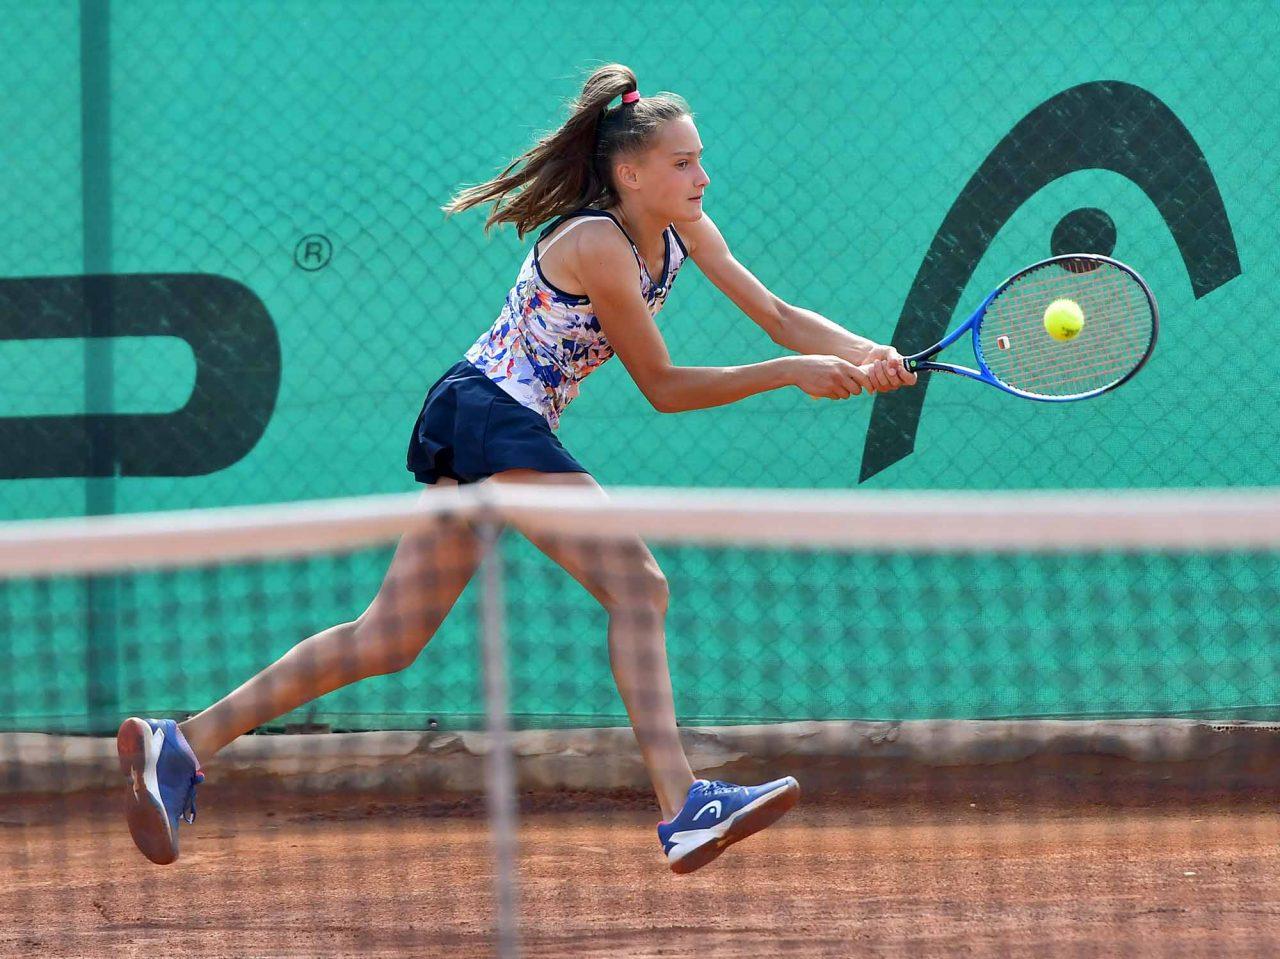 Държавно първенство тенис до 14 год. ТК 15-40 финал (22)